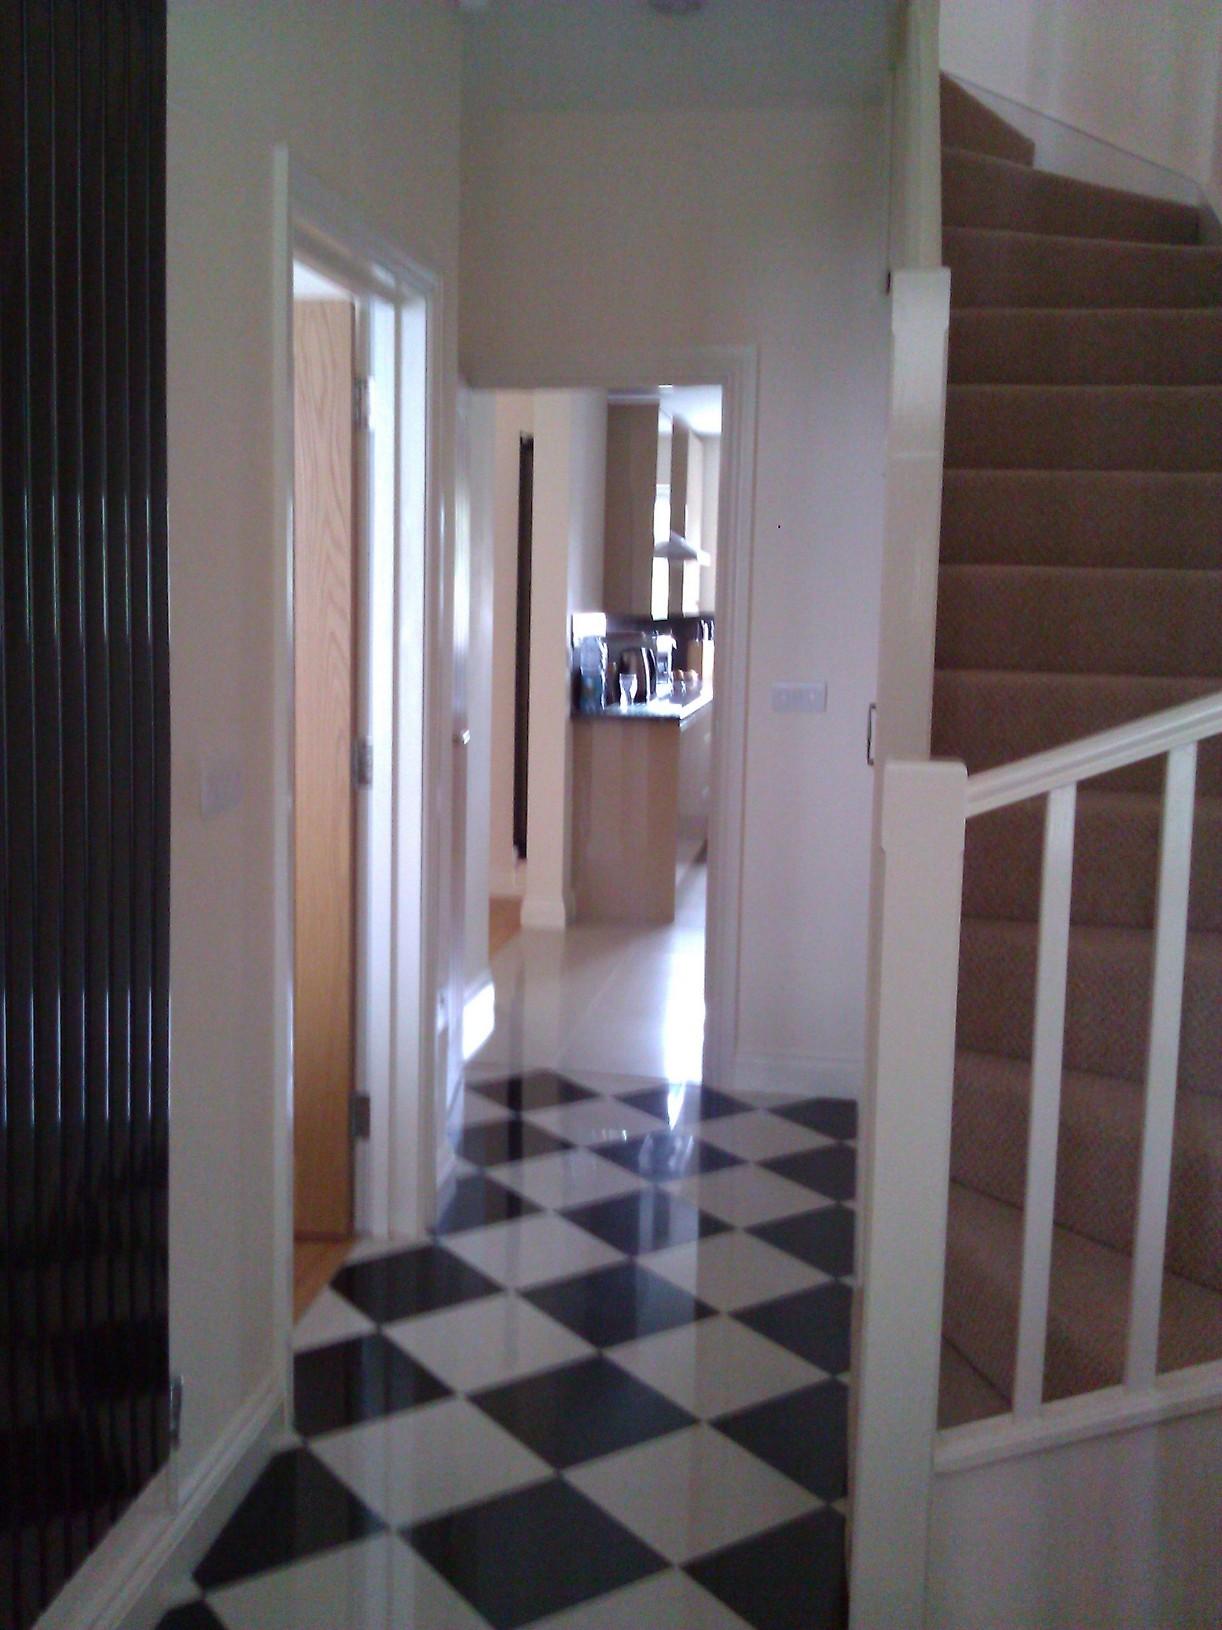 Alquiler de habitaci n kingswood court road - Alquiler habitacion donosti ...